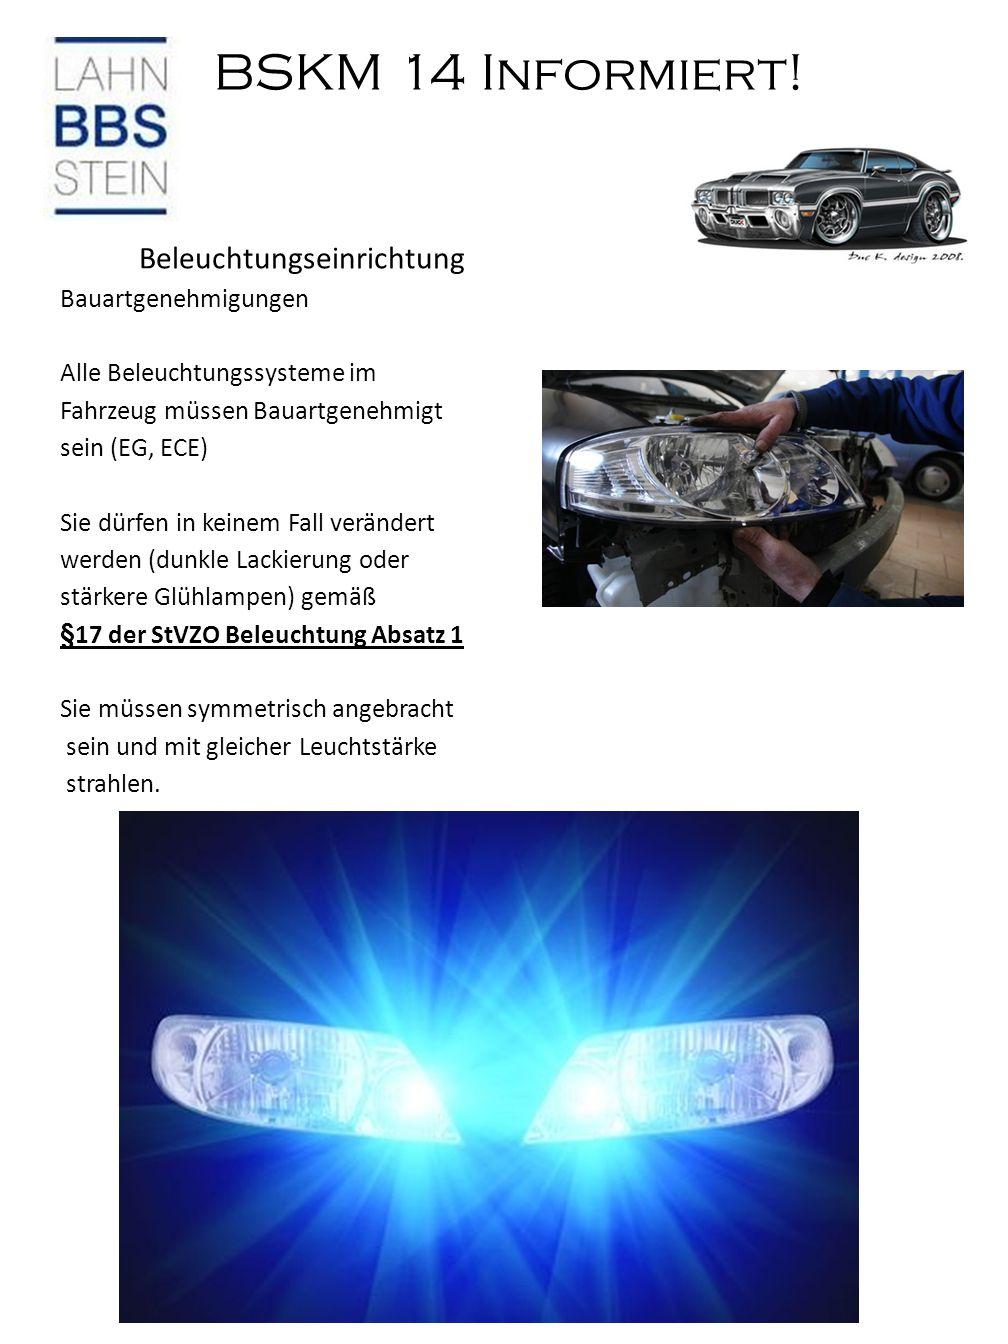 BSKM 14 Informiert! Beleuchtungseinrichtung Bauartgenehmigungen Alle Beleuchtungssysteme im Fahrzeug müssen Bauartgenehmigt sein (EG, ECE) Sie dürfen